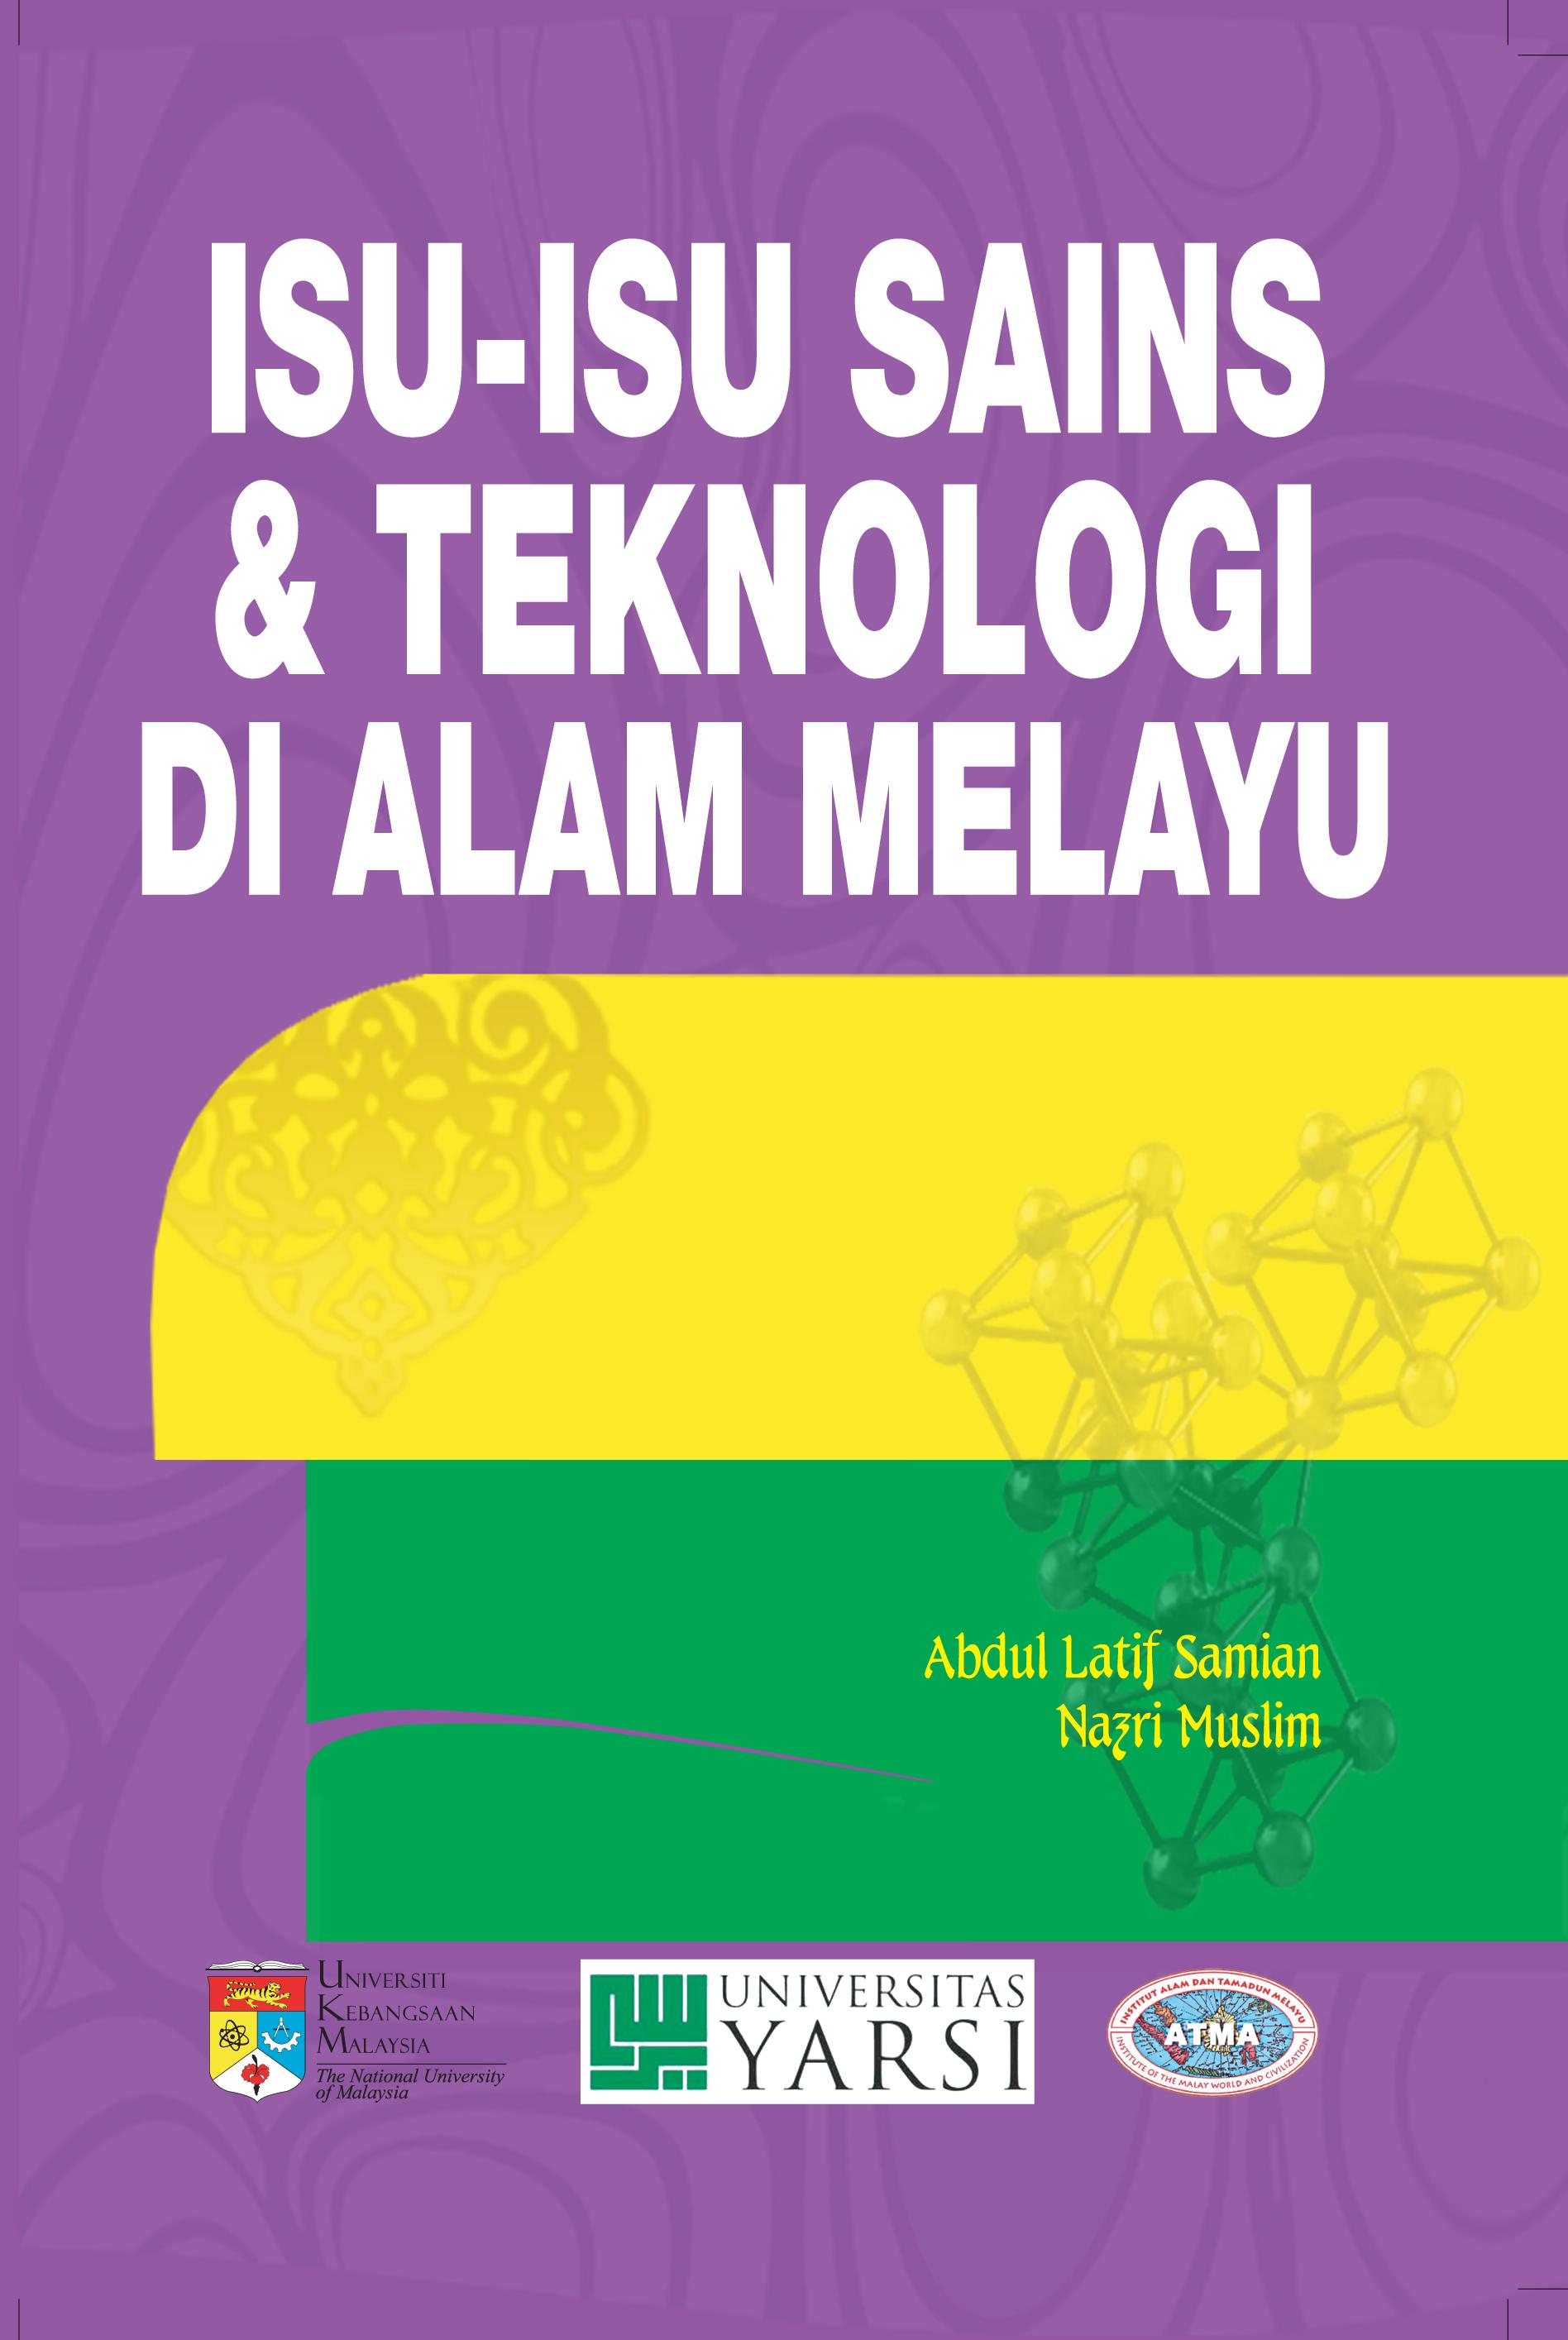 Isu-Isu Sains dan Teknologi di Alam Melayu